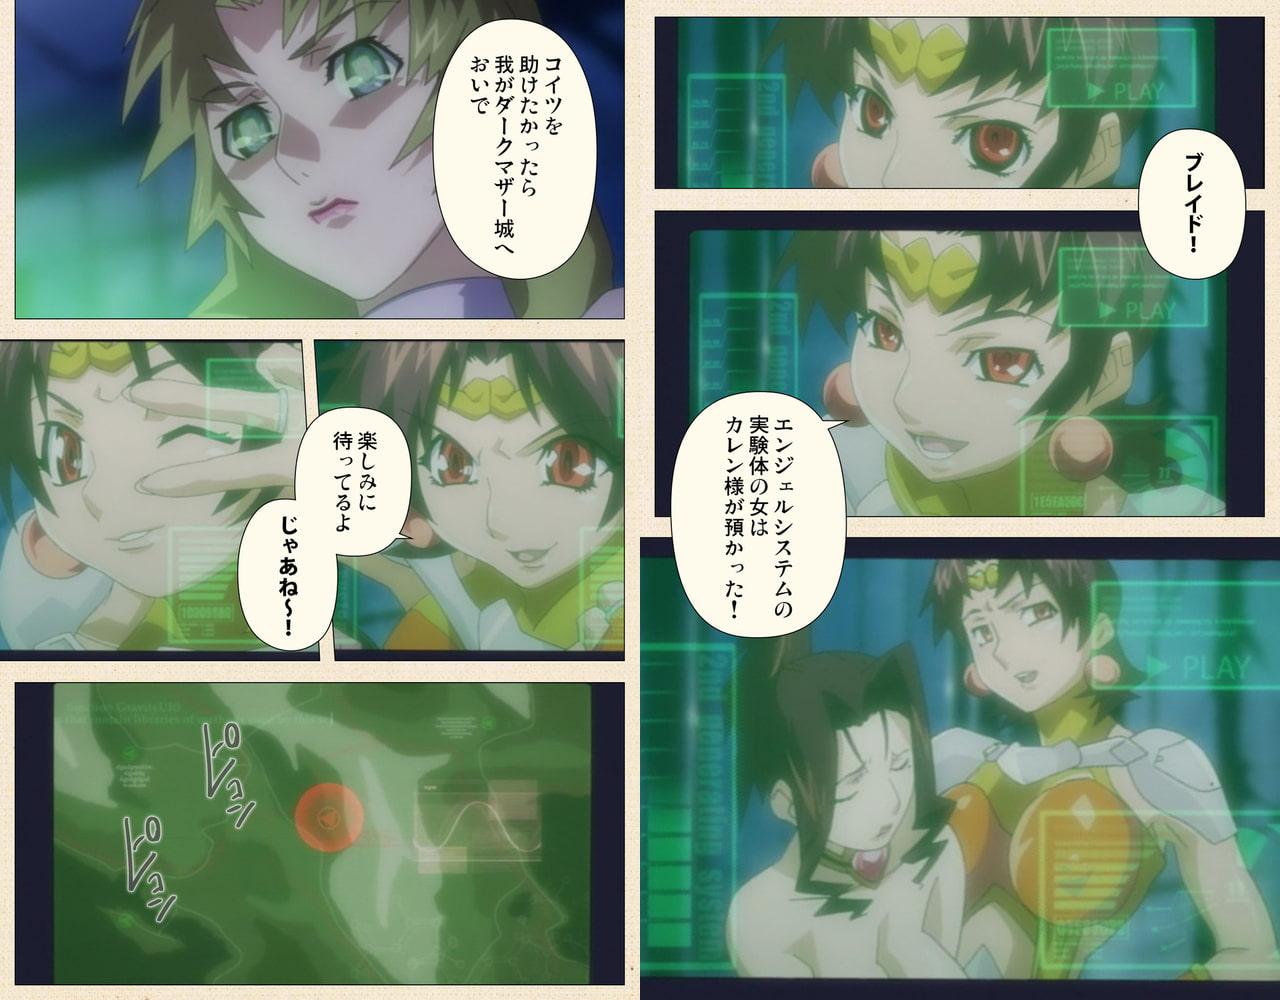 エンジェルブレイドパニッシュ! Vol.1 Complete版【フルカラー成人版】